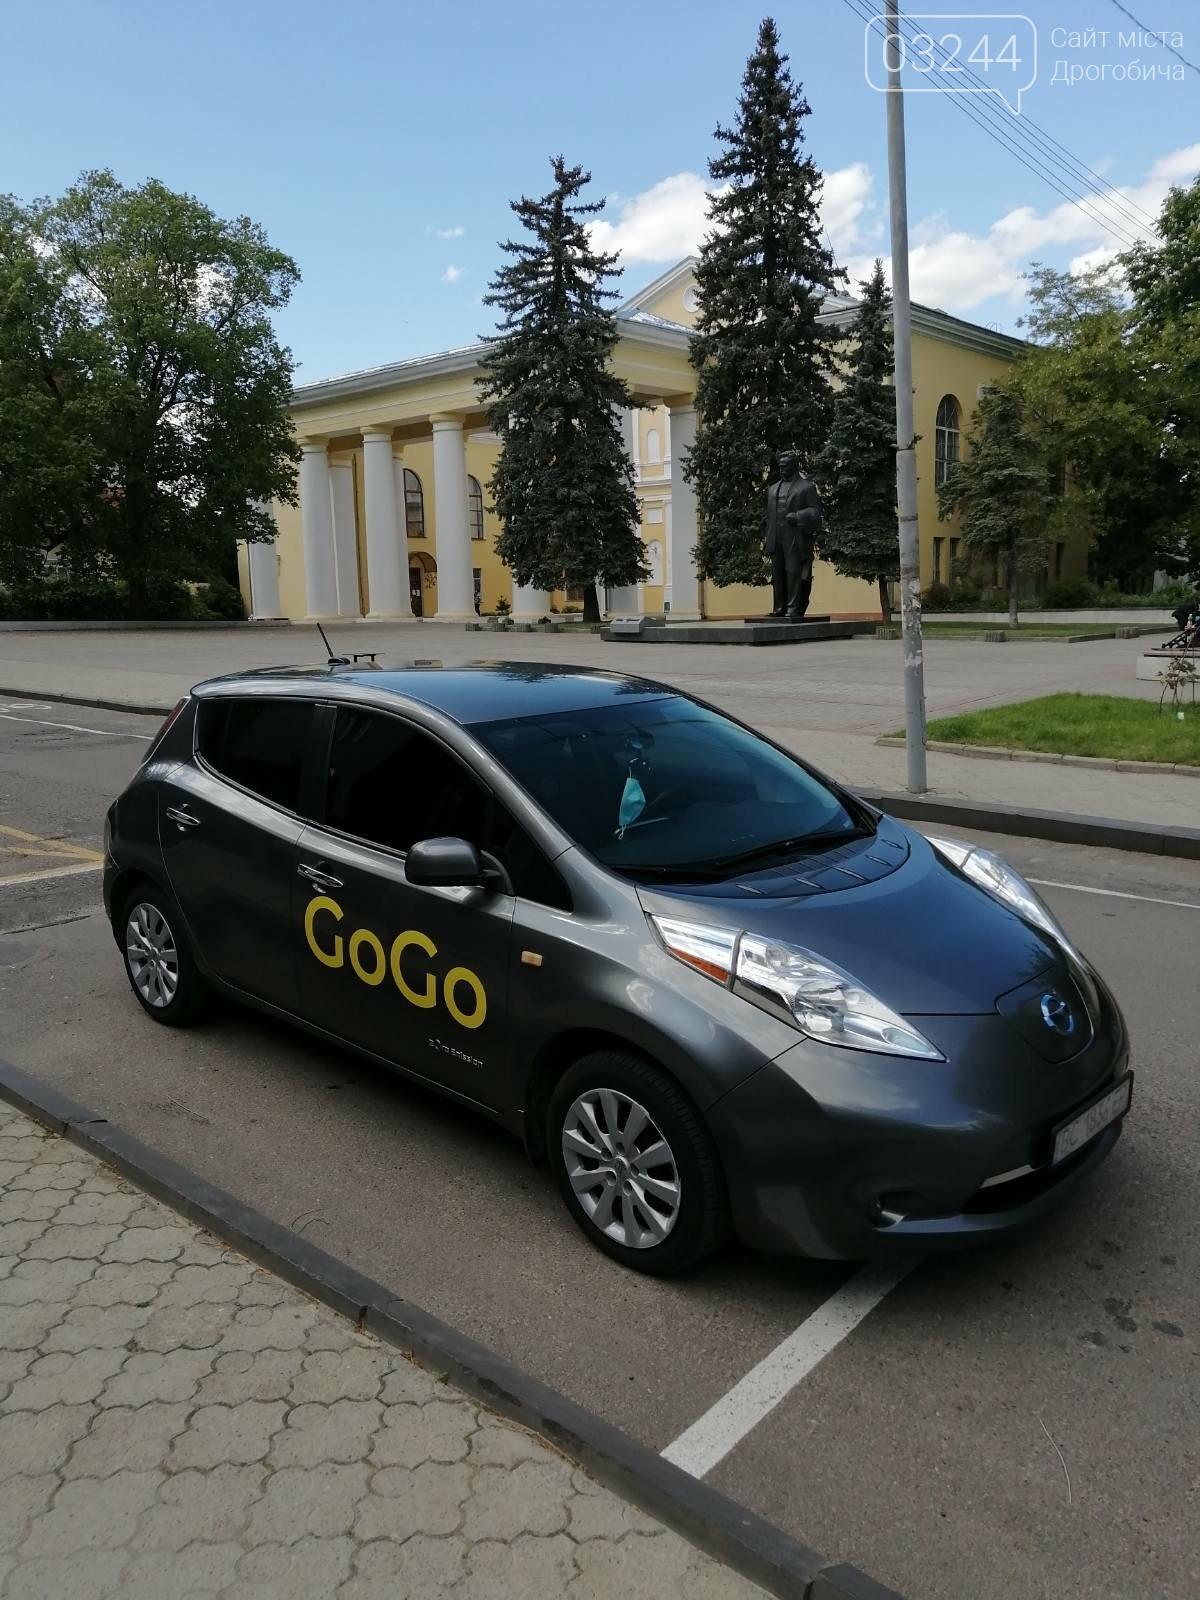 Відтепер проїзд від 29 гривень - у Дрогобичі з'явився новий сервіс замовлення «GoGo», фото-1